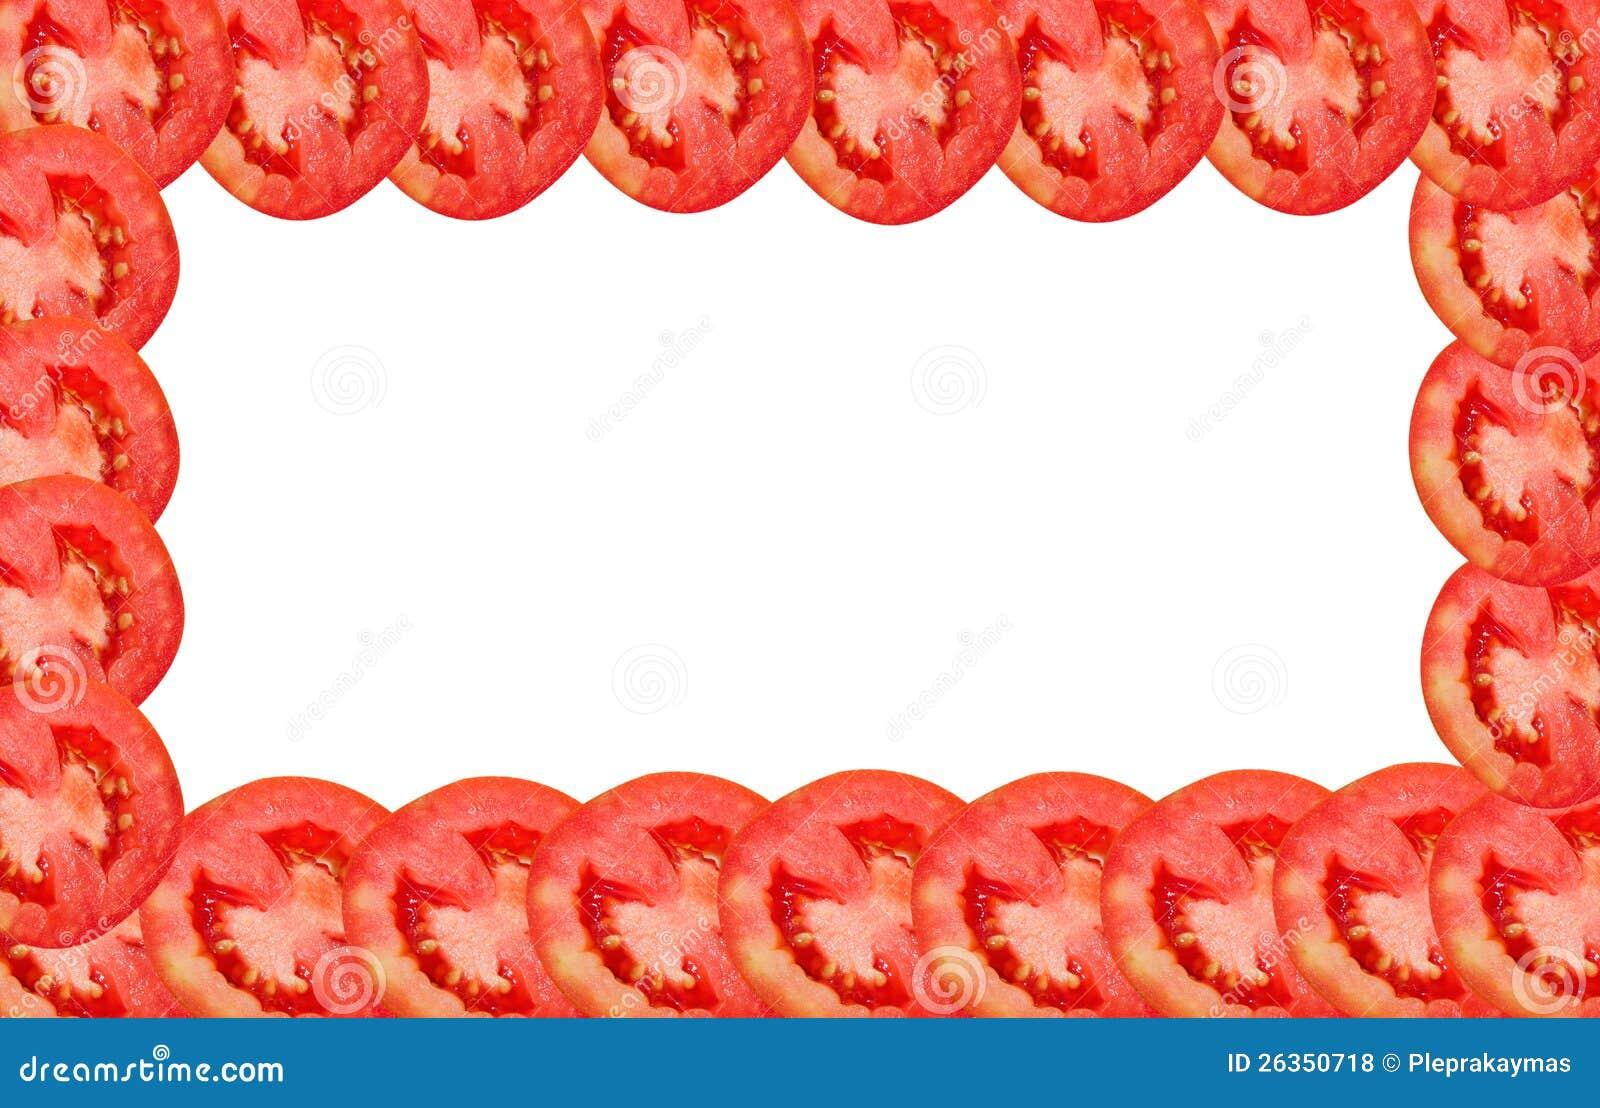 Tomatescheibe